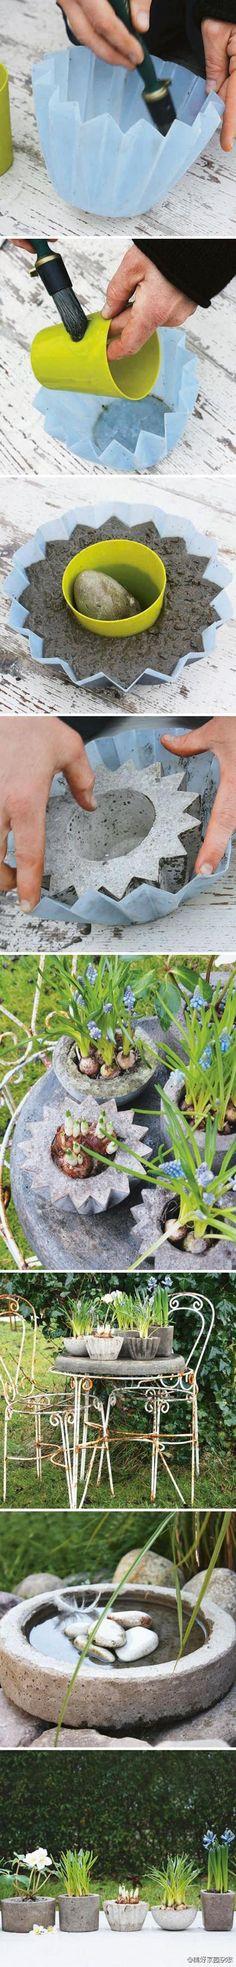 Spring garden ideas- DIY concrete planters